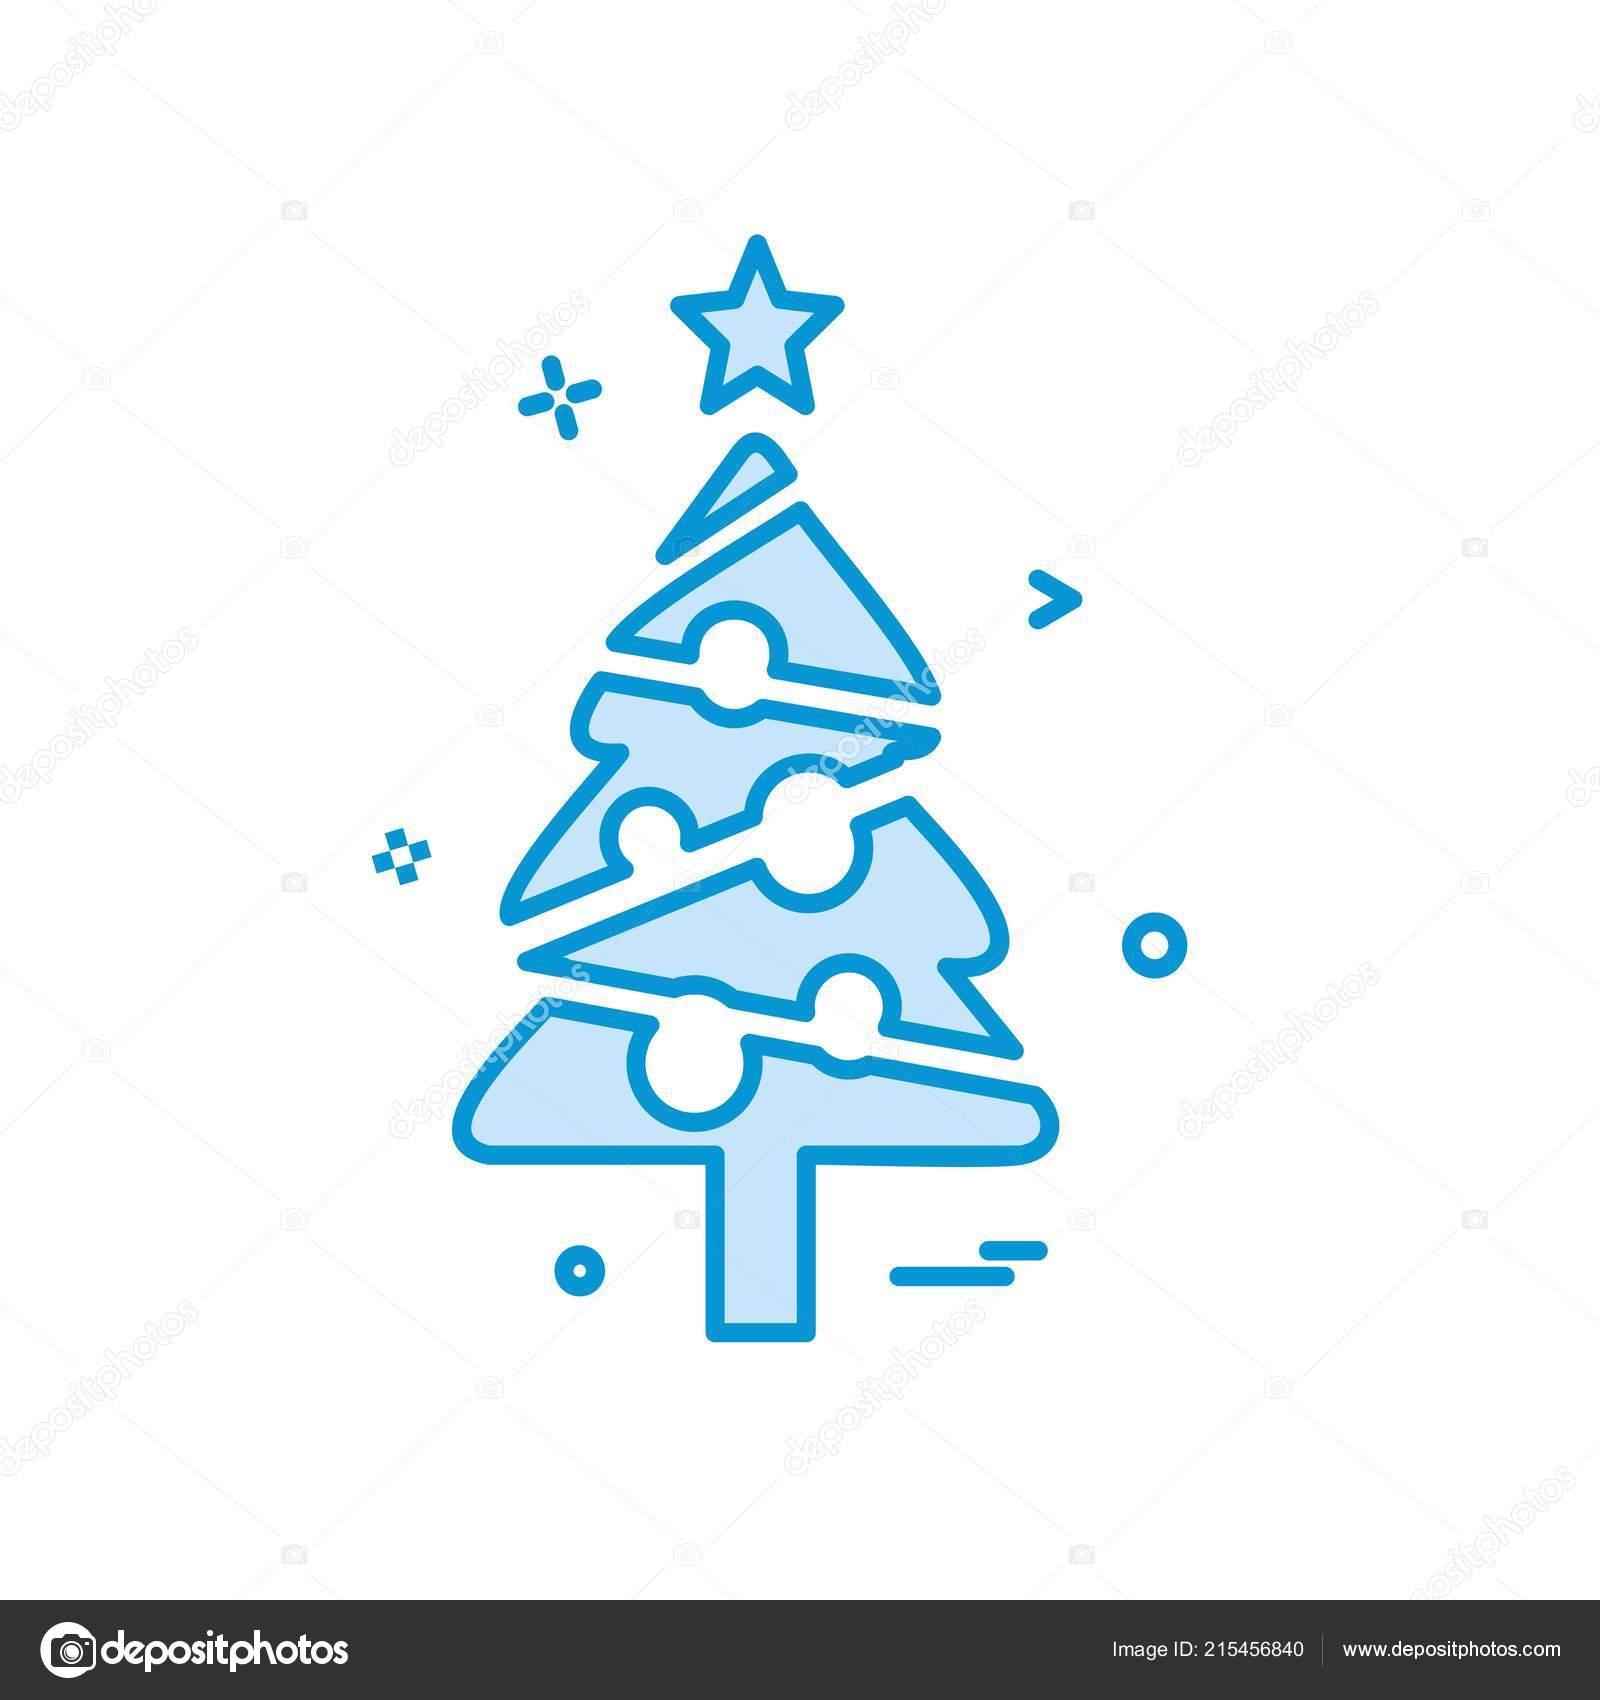 Vector Diseno Icono Arbol Navidad Archivo Imagenes Vectoriales - Arbol-navidad-diseo